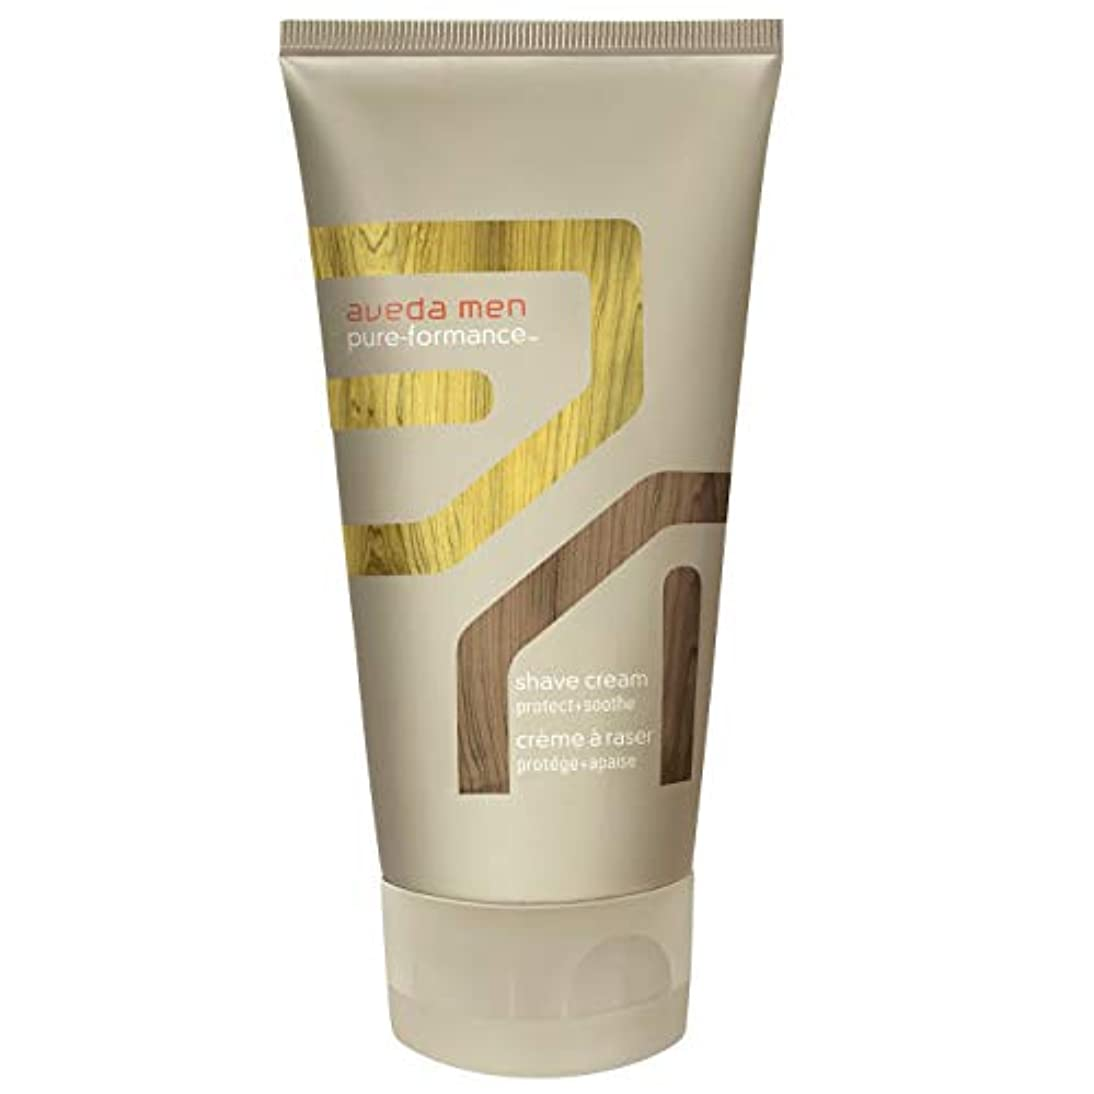 安価な役割天[AVEDA] アヴェダ男性の純粋な-Formanceシェーブクリーム150ミリリットル - Aveda Men Pure-Formance Shave Cream 150ml [並行輸入品]